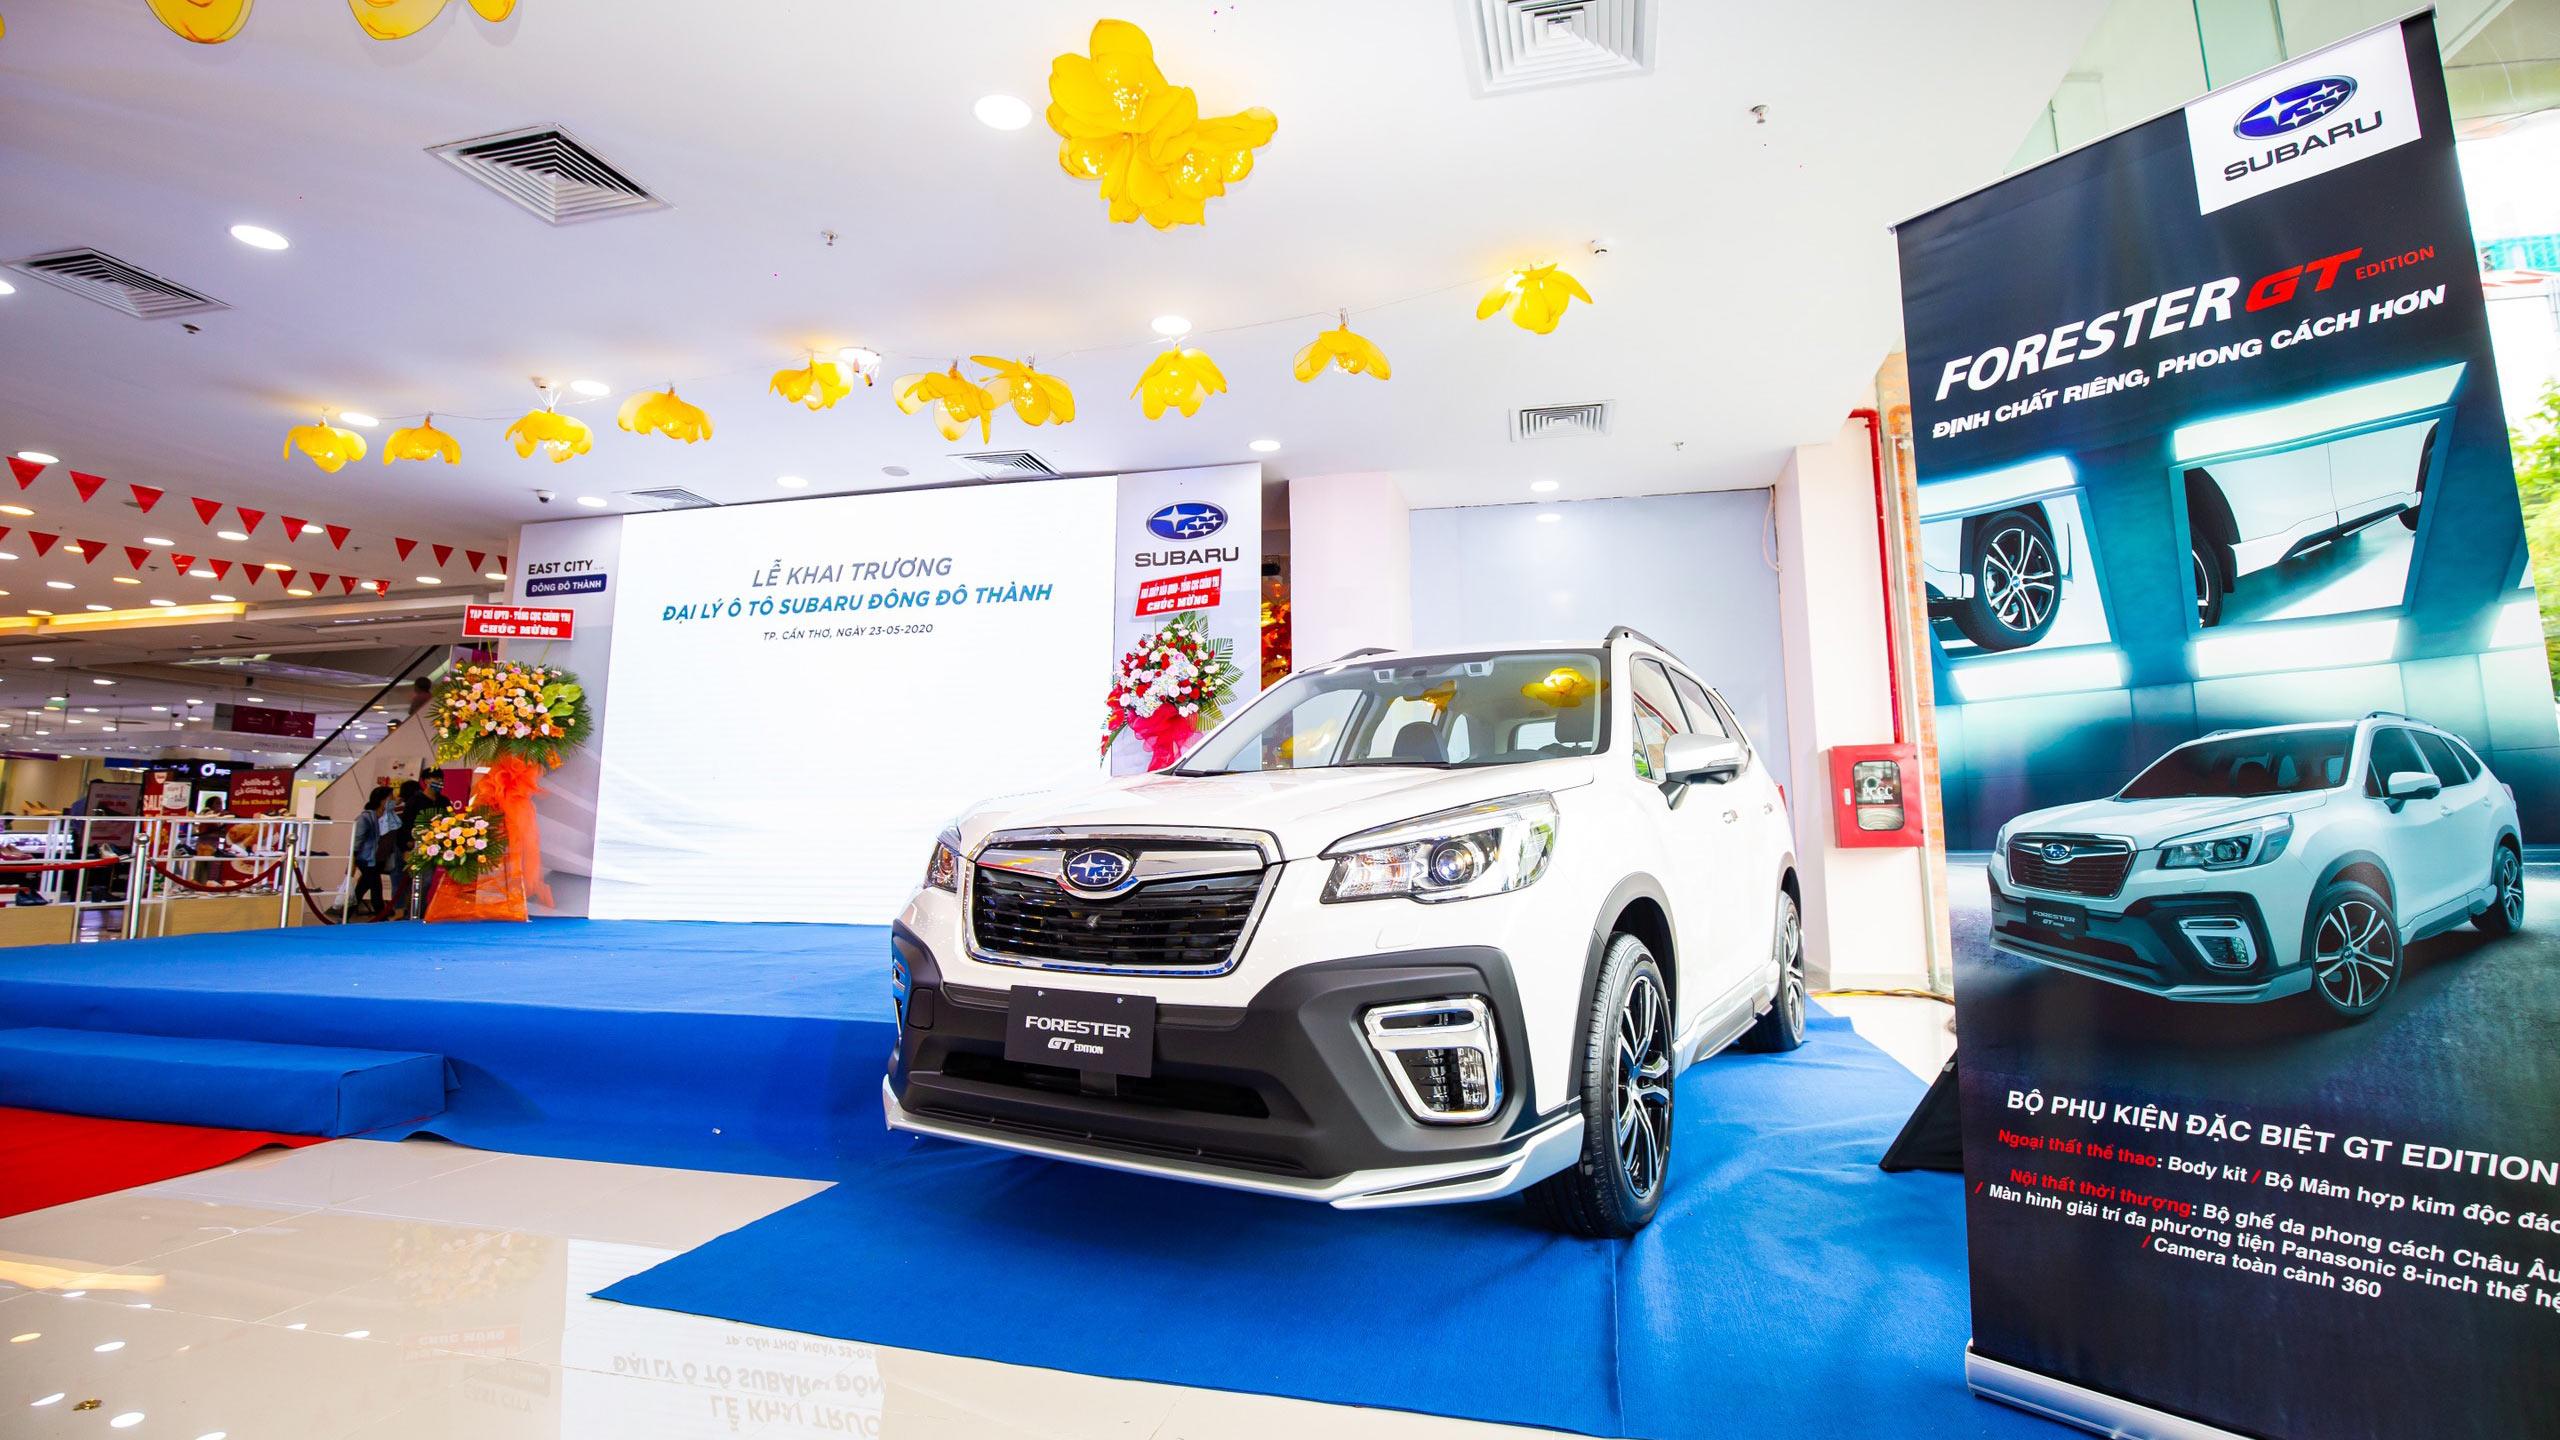 Subaru khai trương đại lý thứ 2 tại Đồng bằng sông Cửu Long